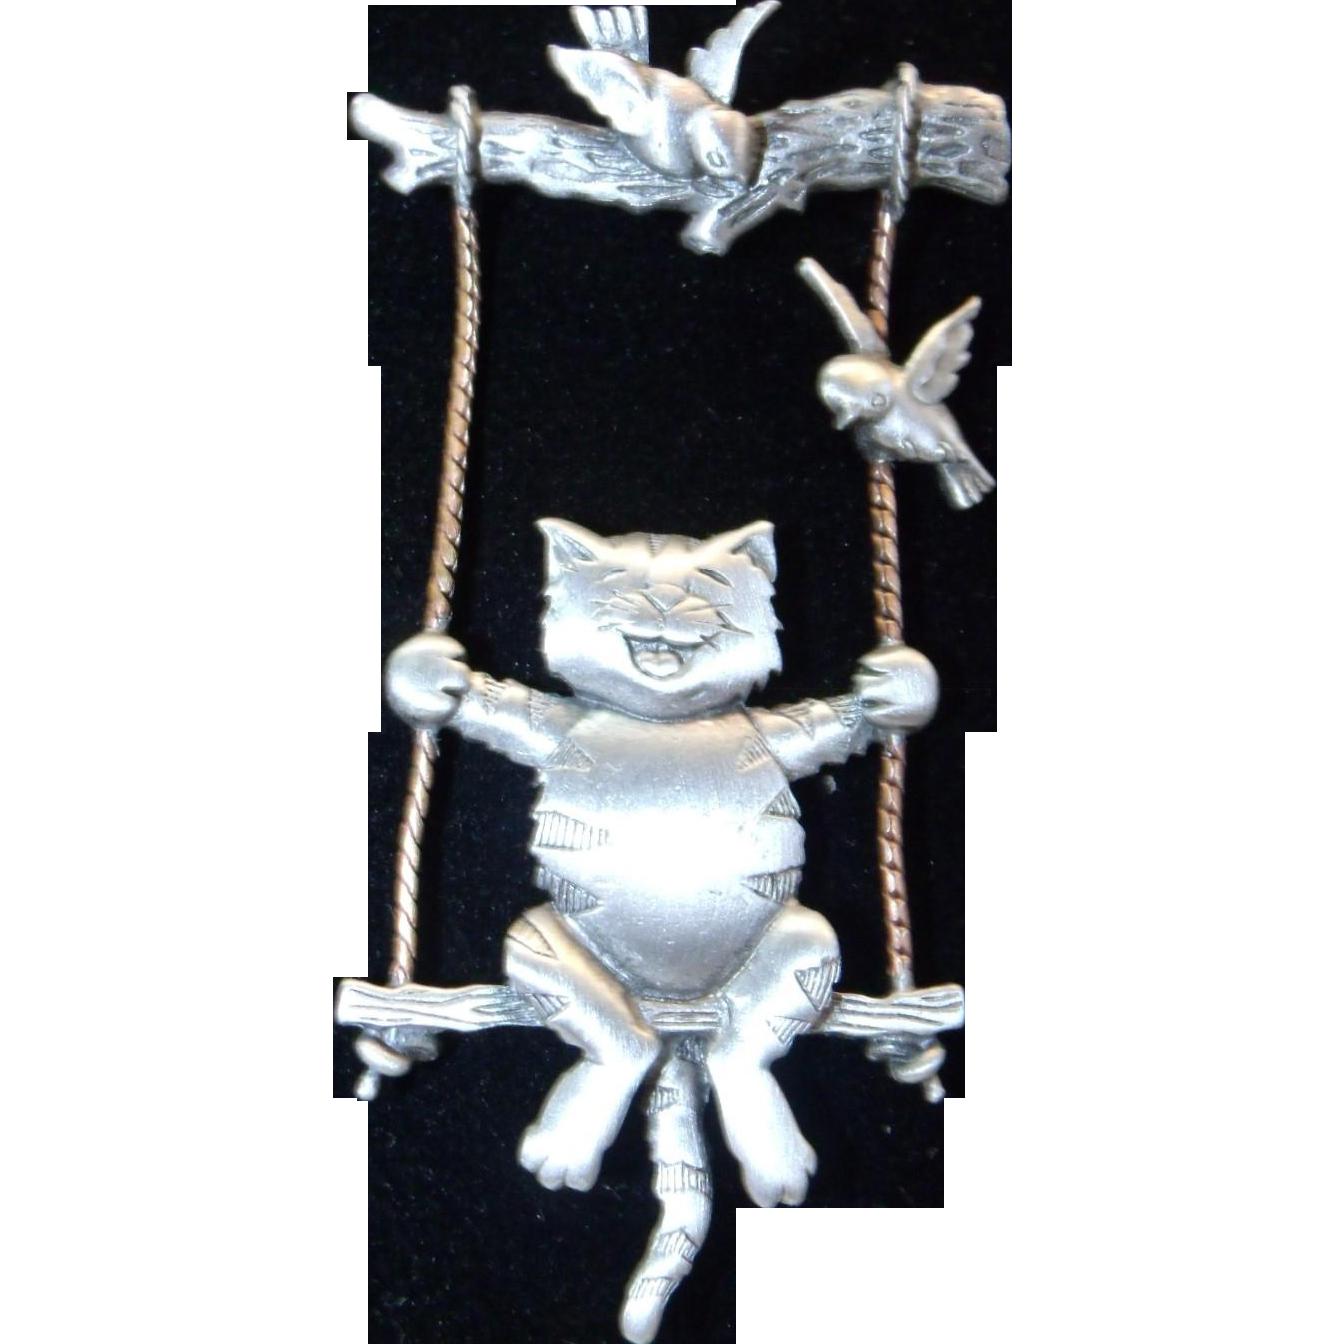 Adorable Cat on Swing Pin / Brooch by Designer JJ Jonette Jewelry